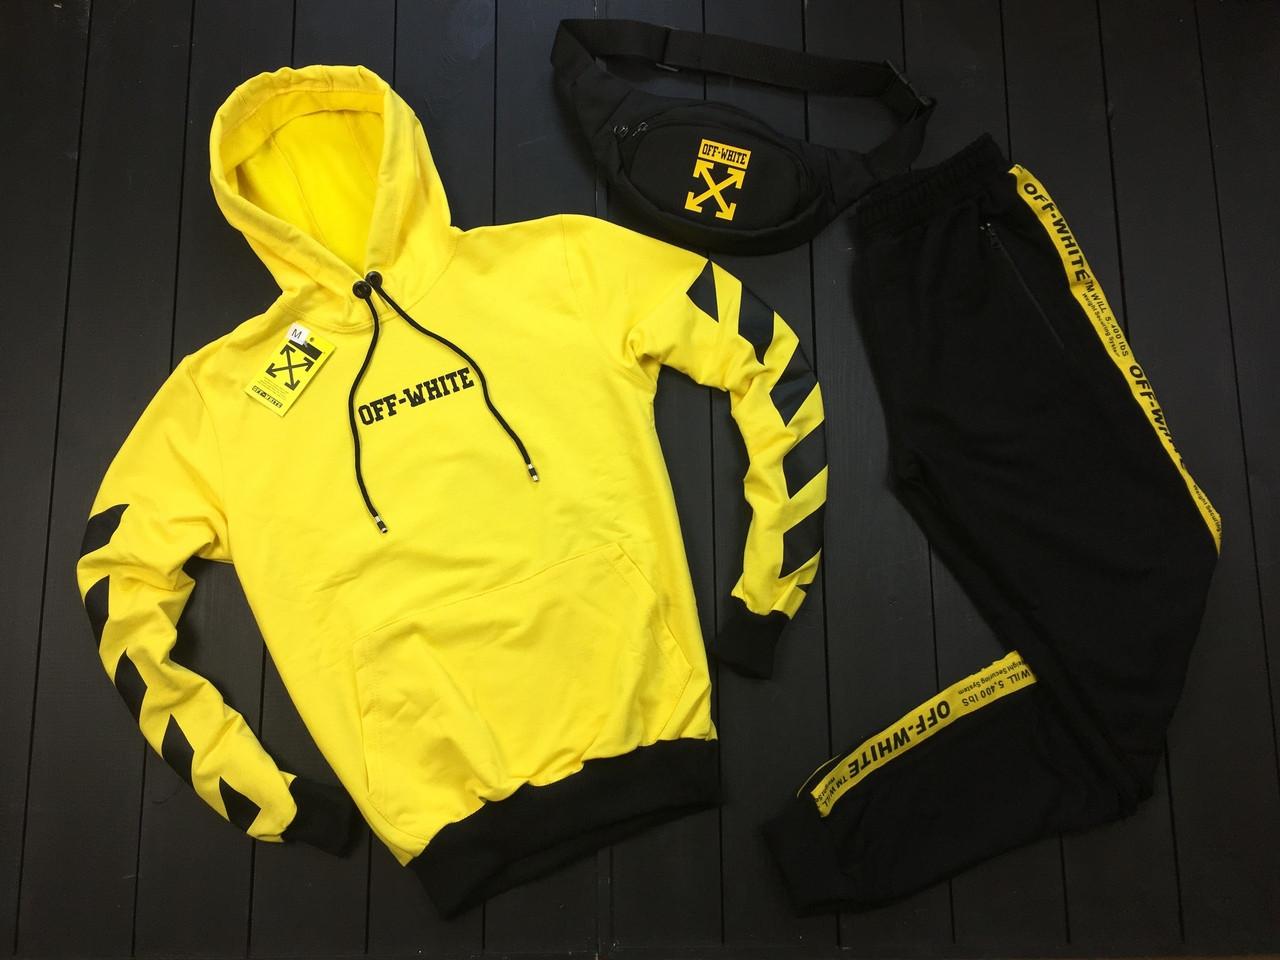 Мужской спортивный костюм Off-White (black/yellow), спортивный костюм офф-вайт